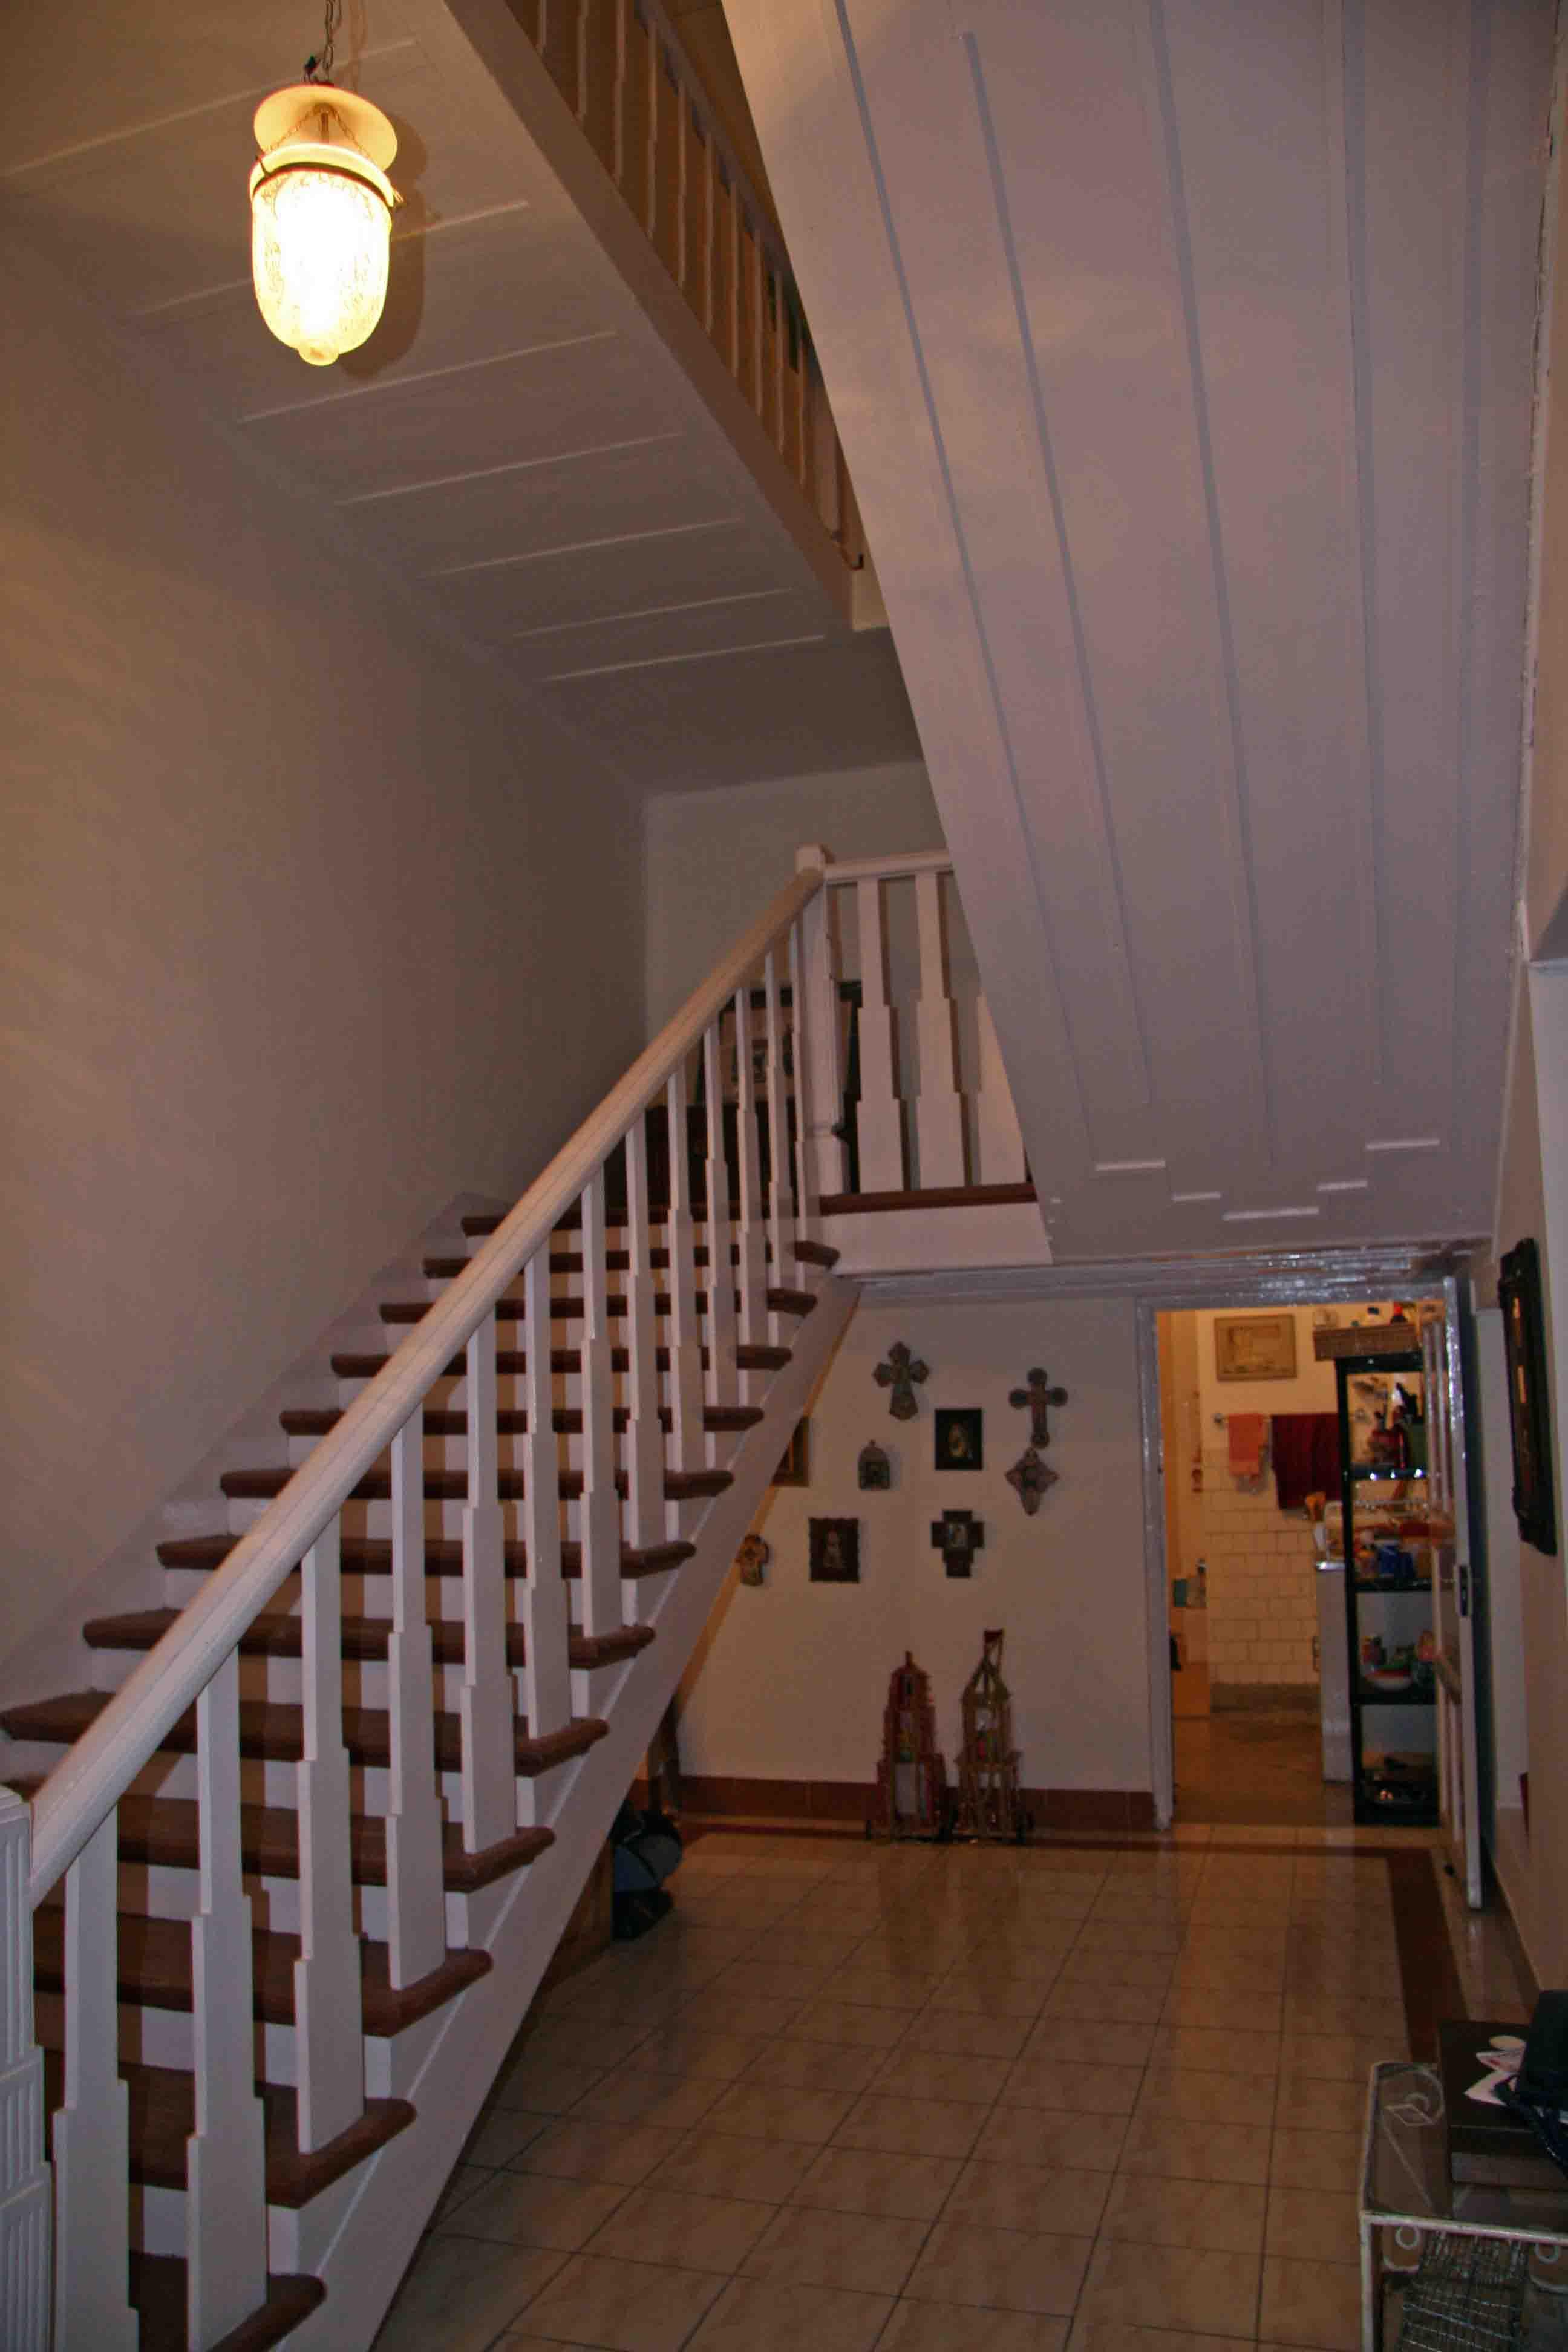 Les boscq a calcutta l interieur de la maison - Escalier de maison interieur ...